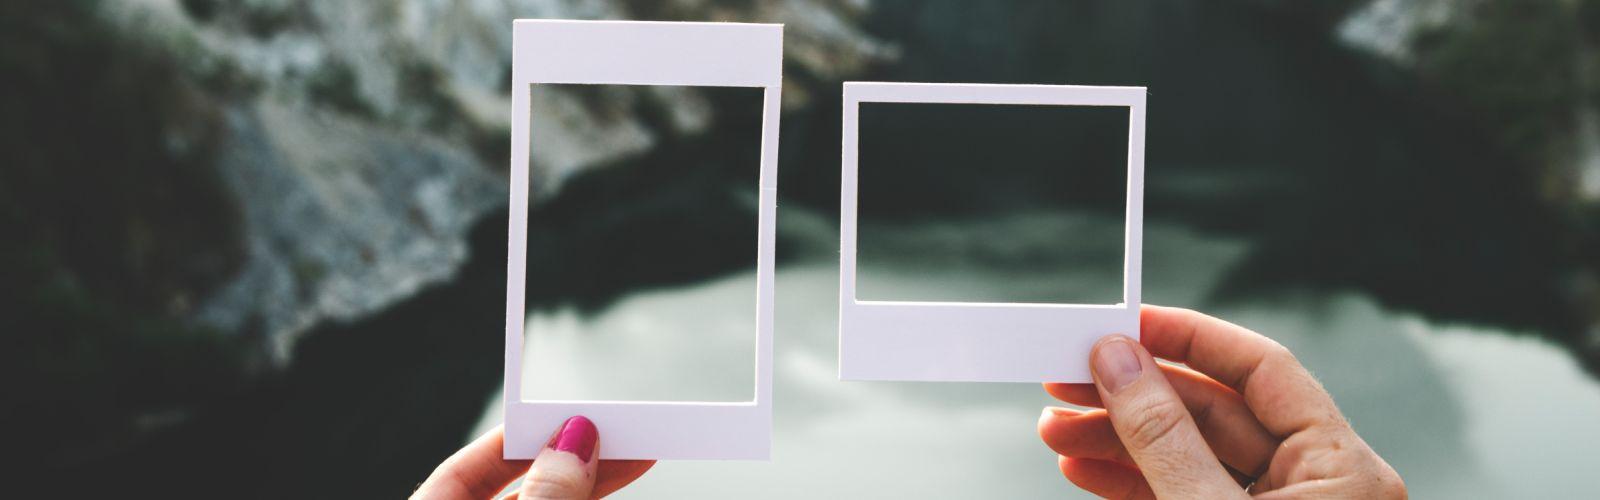 Zwei Bilder vergleichen